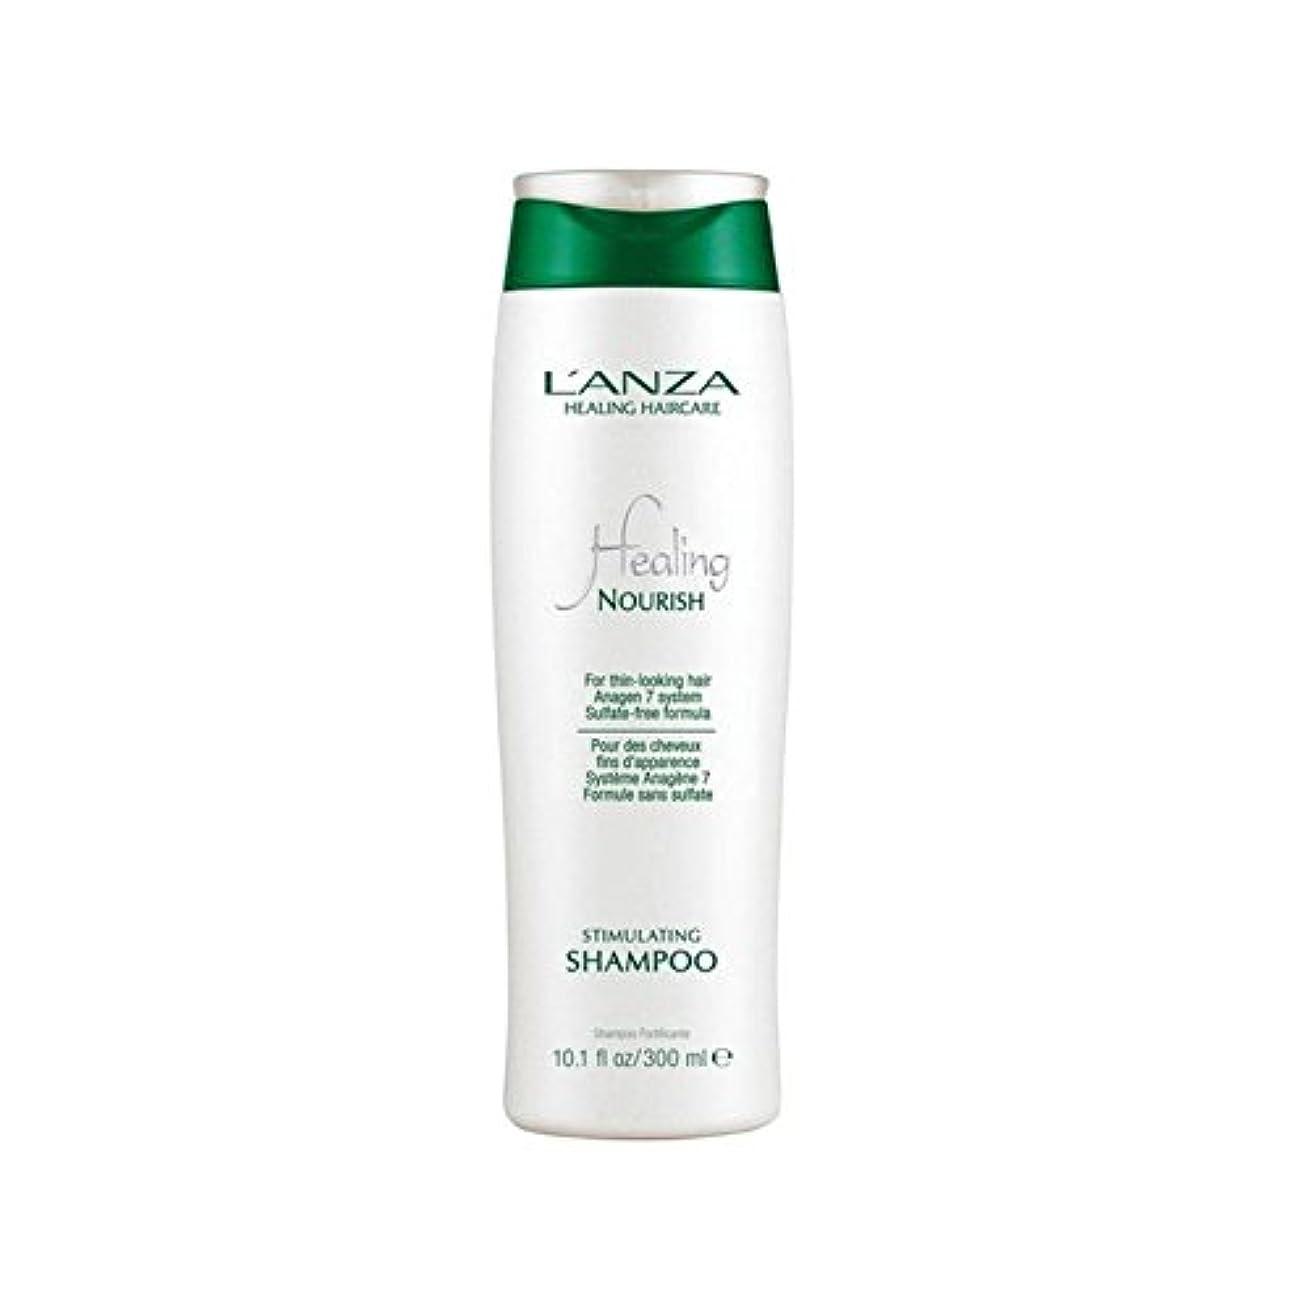 真鍮避けられない黙アンザ治癒はシャンプーを刺激養う(300ミリリットル) x4 - L'Anza Healing Nourish Stimulating Shampoo (300ml) (Pack of 4) [並行輸入品]